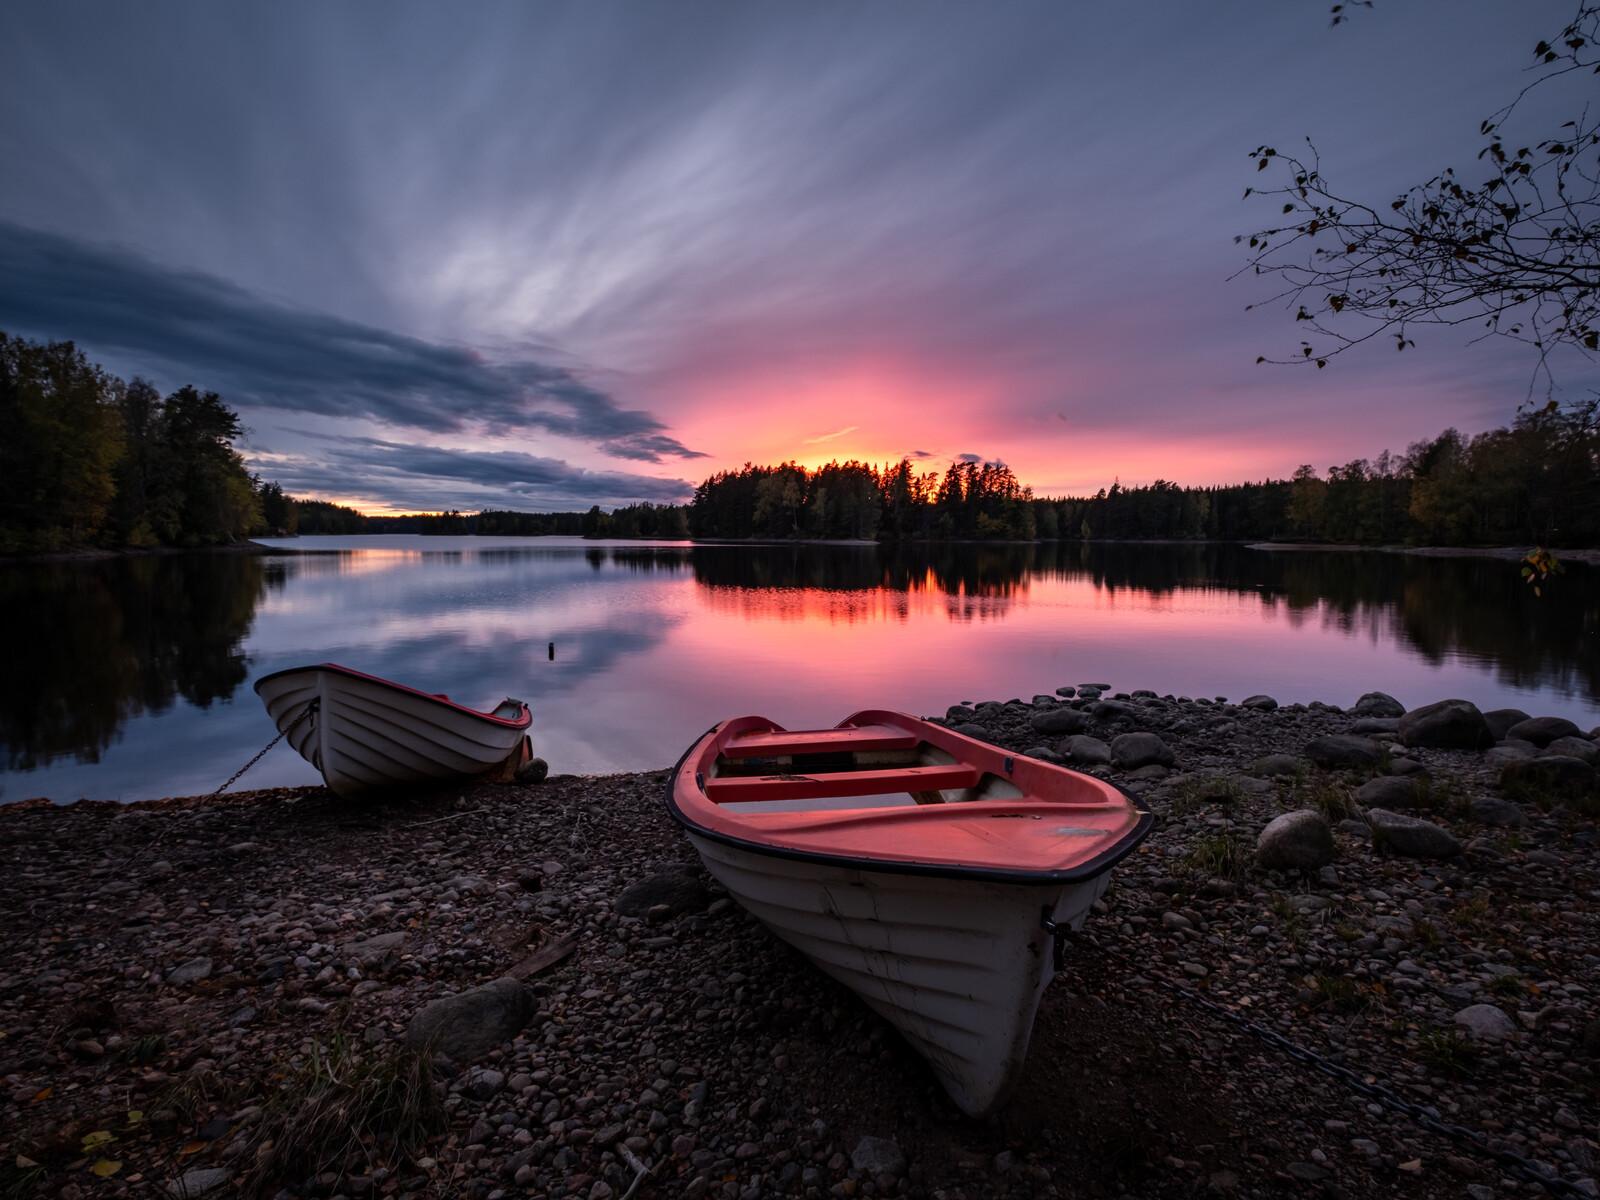 boat-long-sunset-5k-8x.jpg